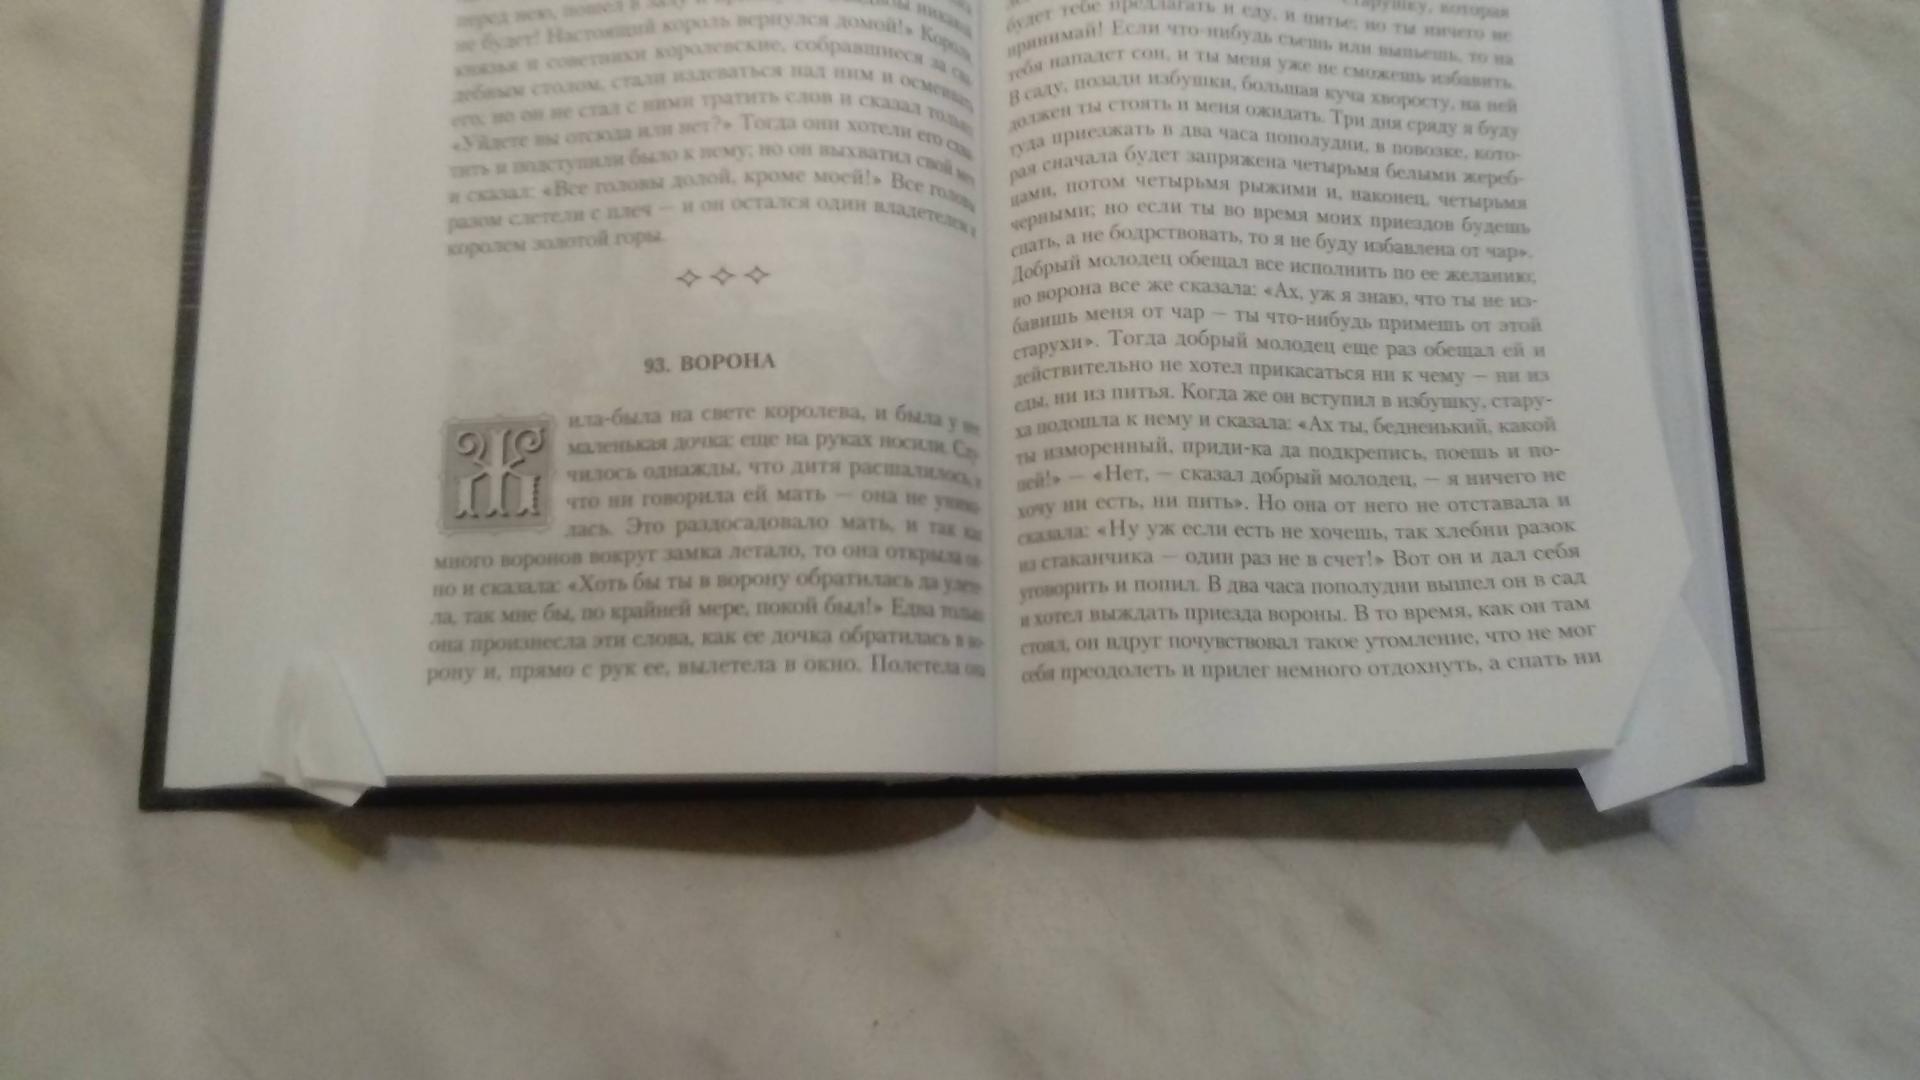 Иллюстрация 25 из 46 для Полное собрание сказок и легенд в одном томе - Гримм Якоб и Вильгельм | Лабиринт - книги. Источник: Лабиринт